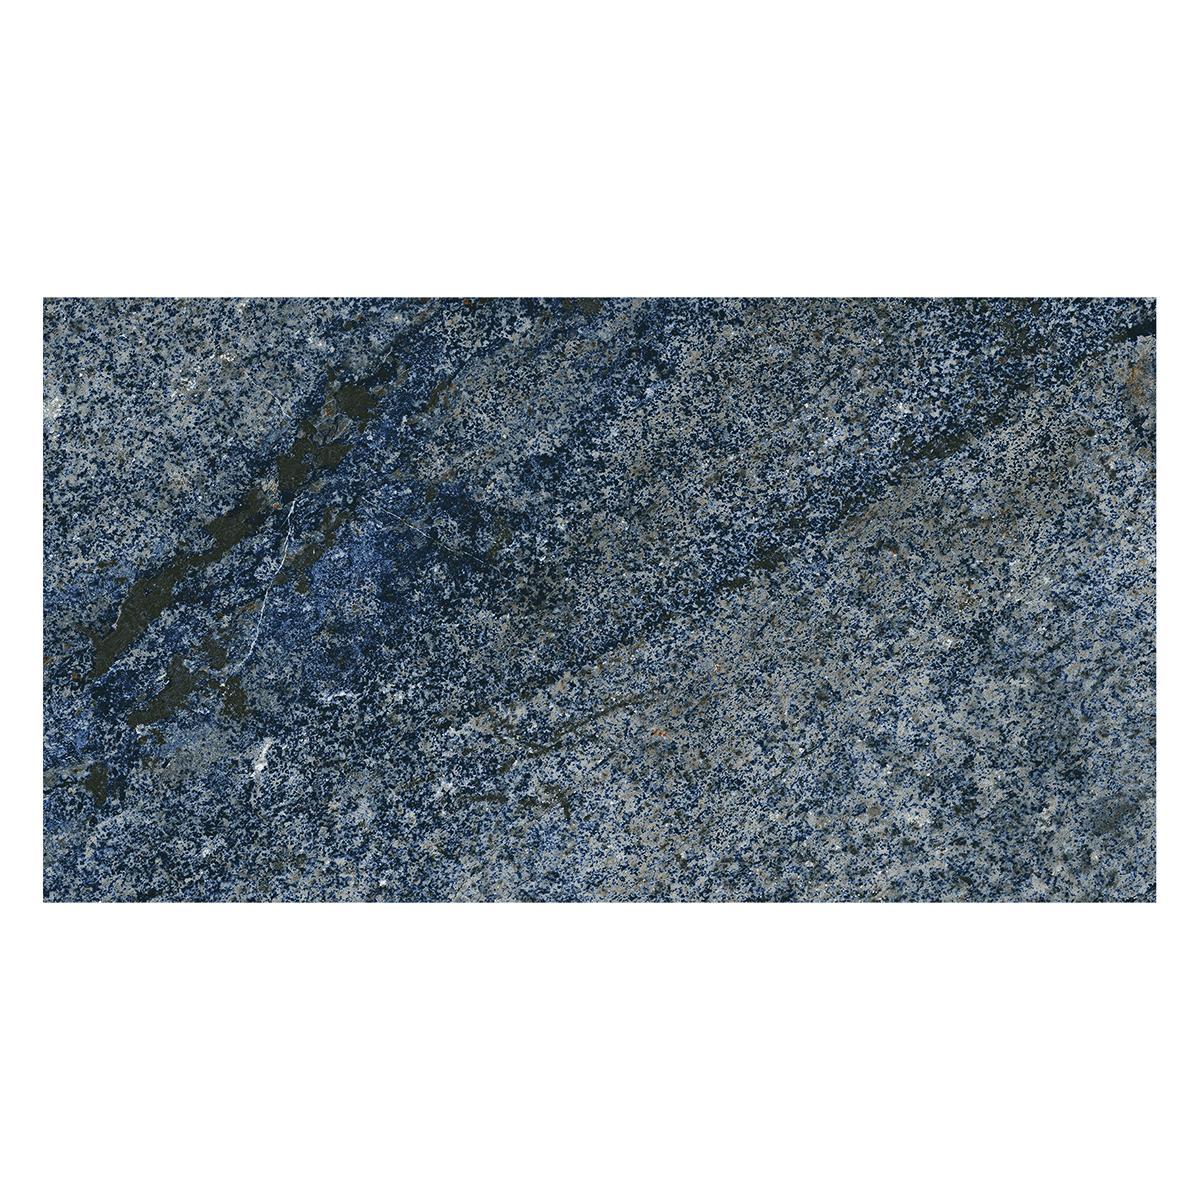 Porcelanato Bahia Azul Semi Brillante - 60X120 cm - 1.44 m2